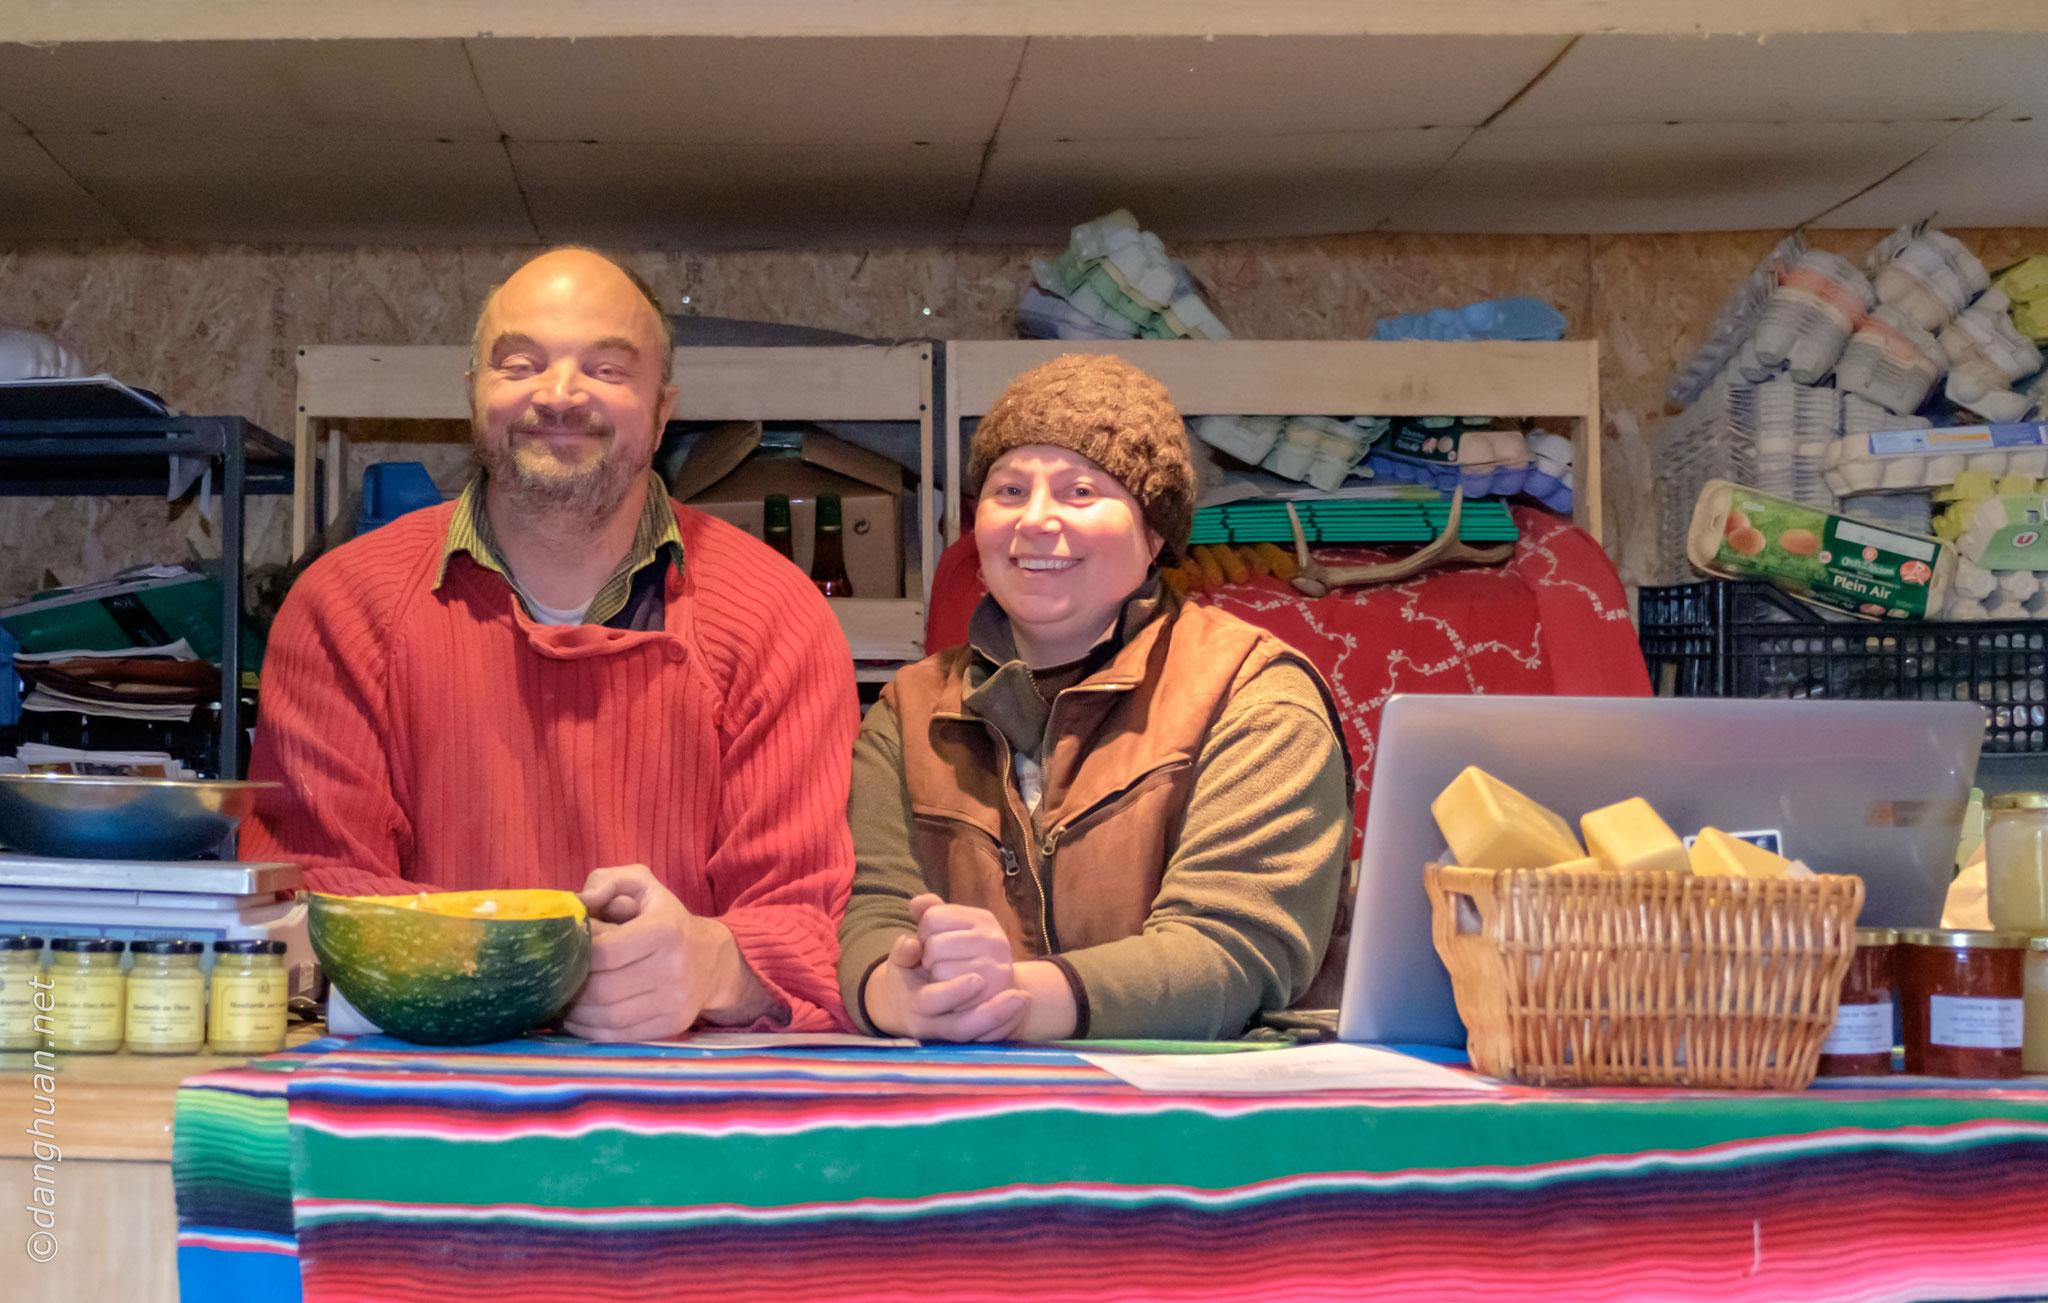 L'agriculteur Patrick Mancheron et sa compagne pratiquent la Permaculture dans leur ferme biologique à Villers-Saint Paul (60) : www.larbreapoule.com